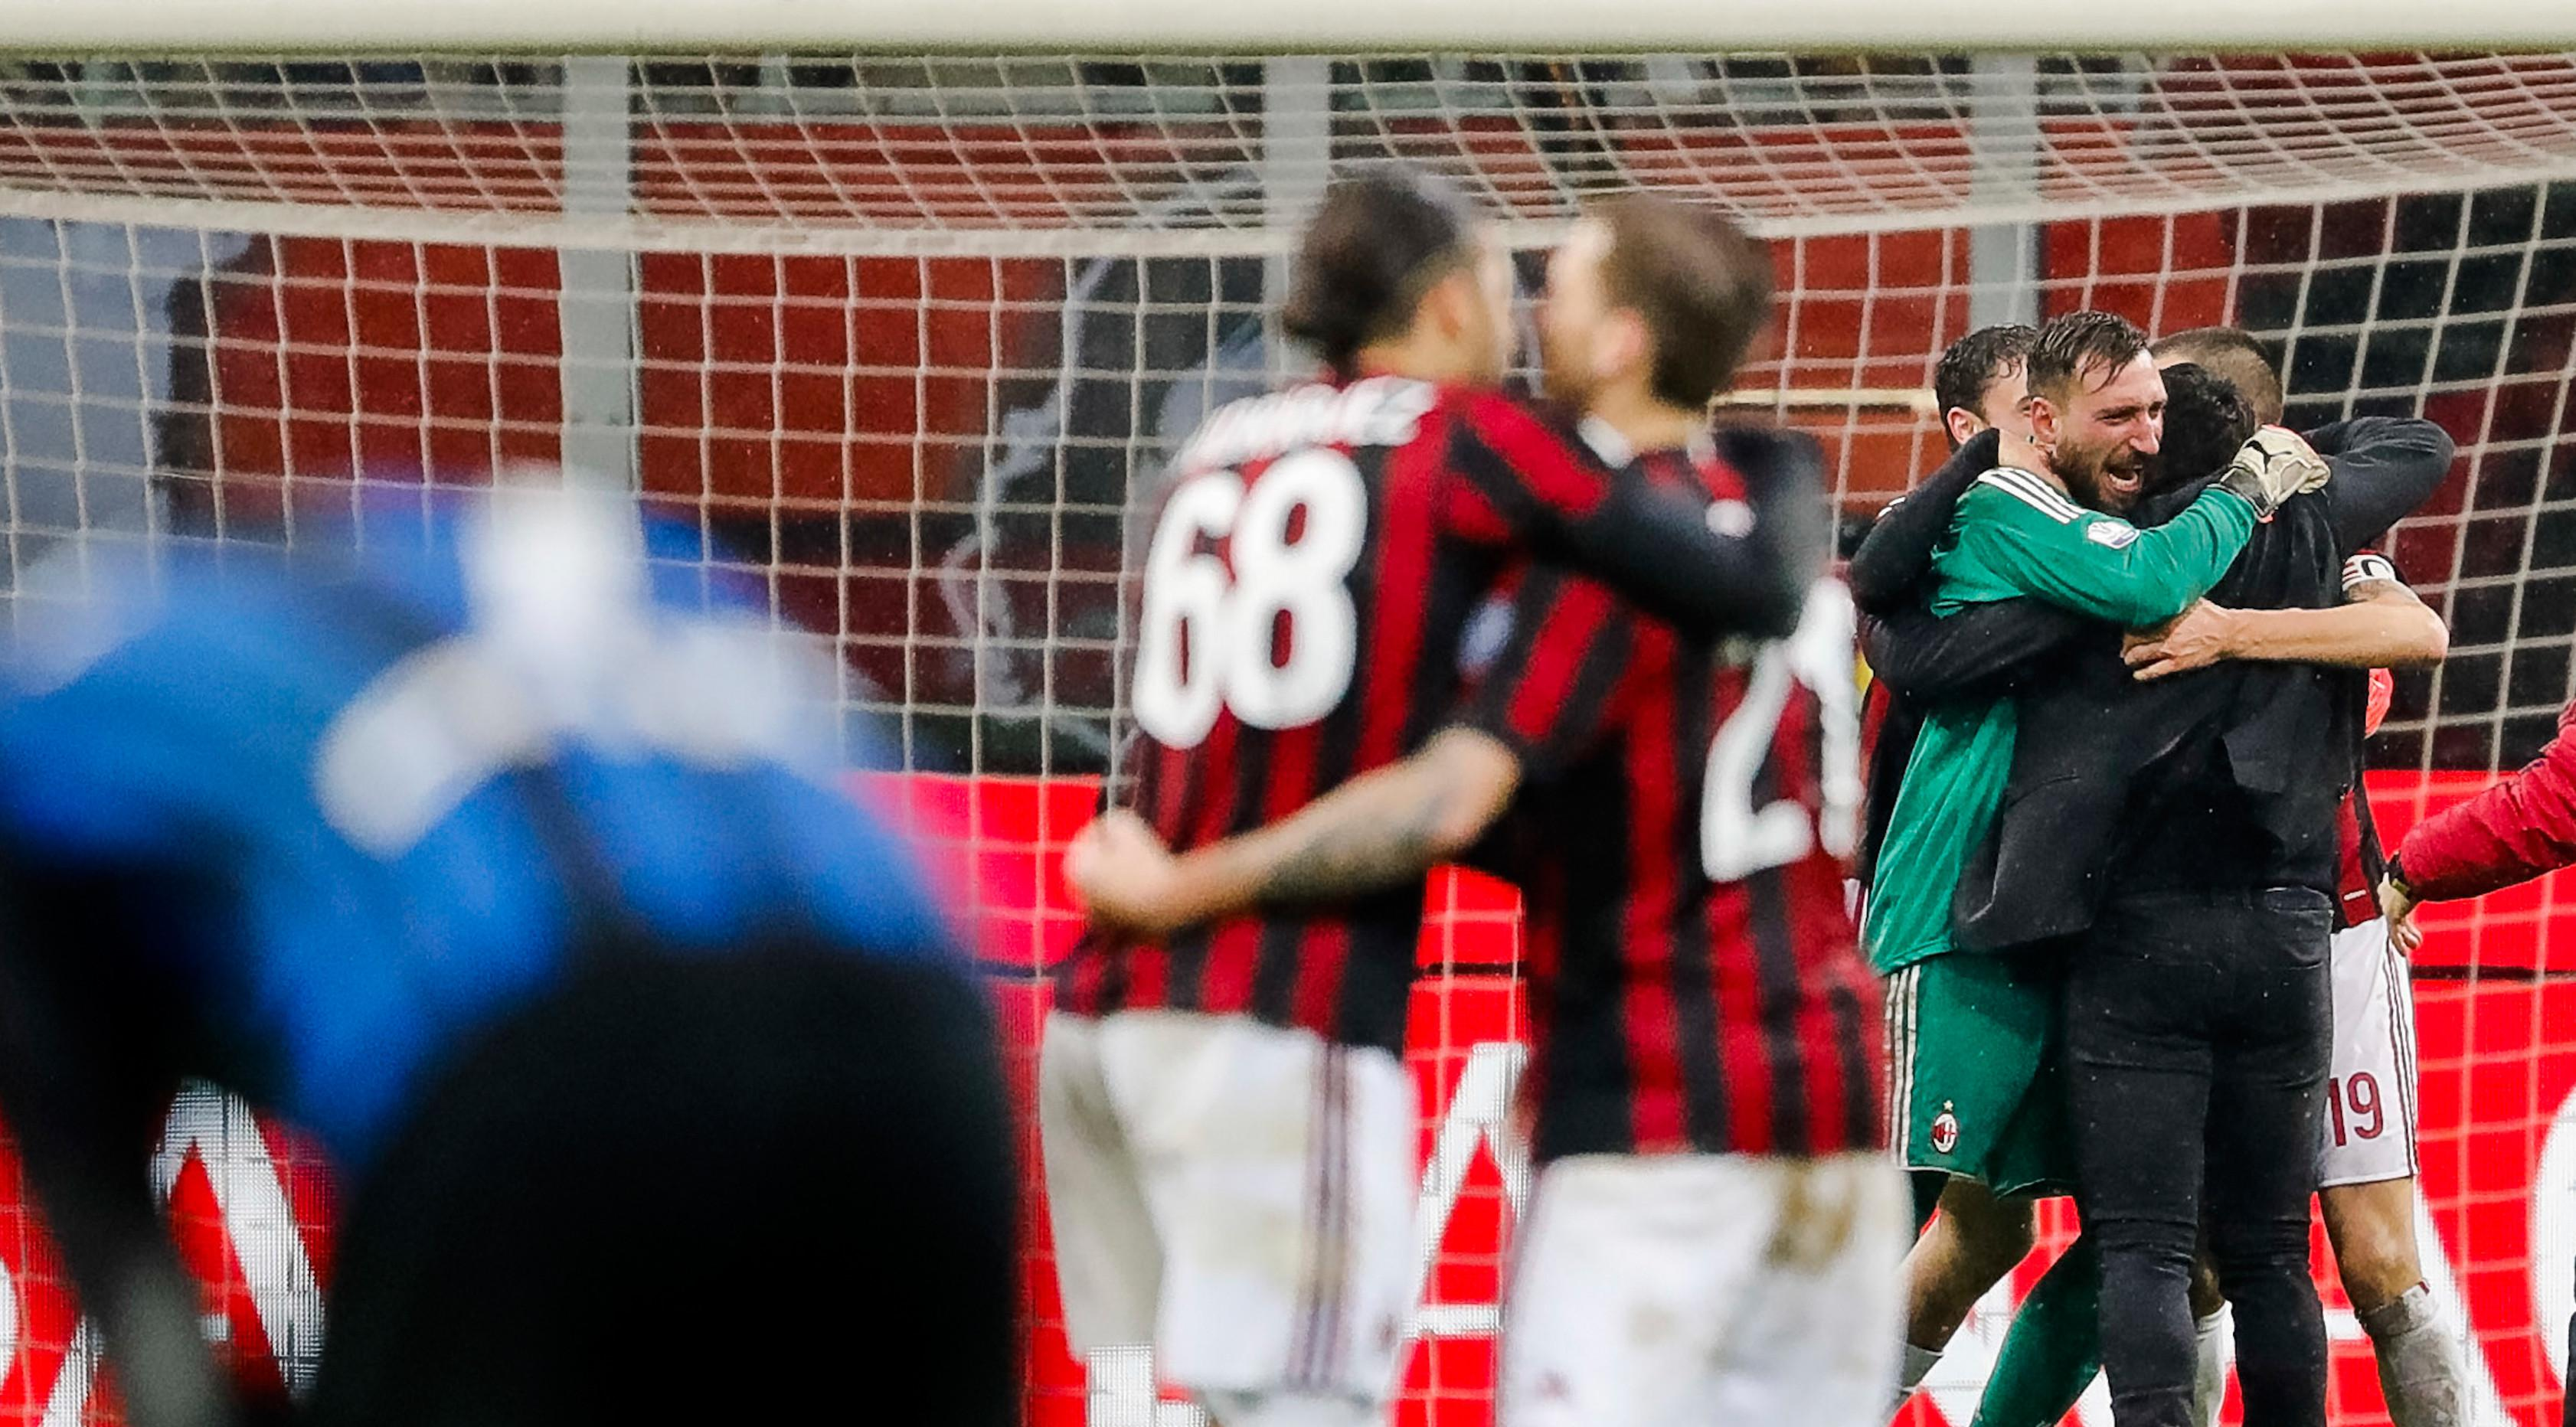 Kepercayaan diri pemain AC Milan bangkit usai mengalahkan Inter Milan. (AP/Antonio Calanni)